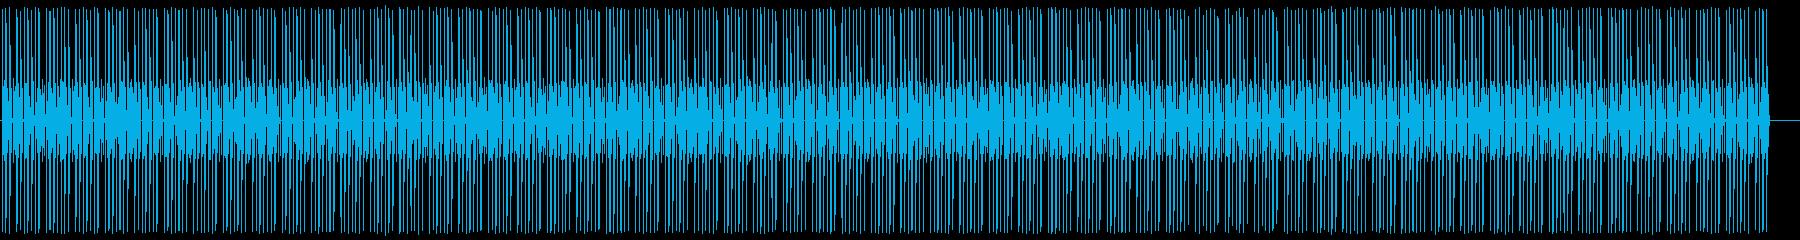 ヒップホップ/王道/ビートトラック/5の再生済みの波形